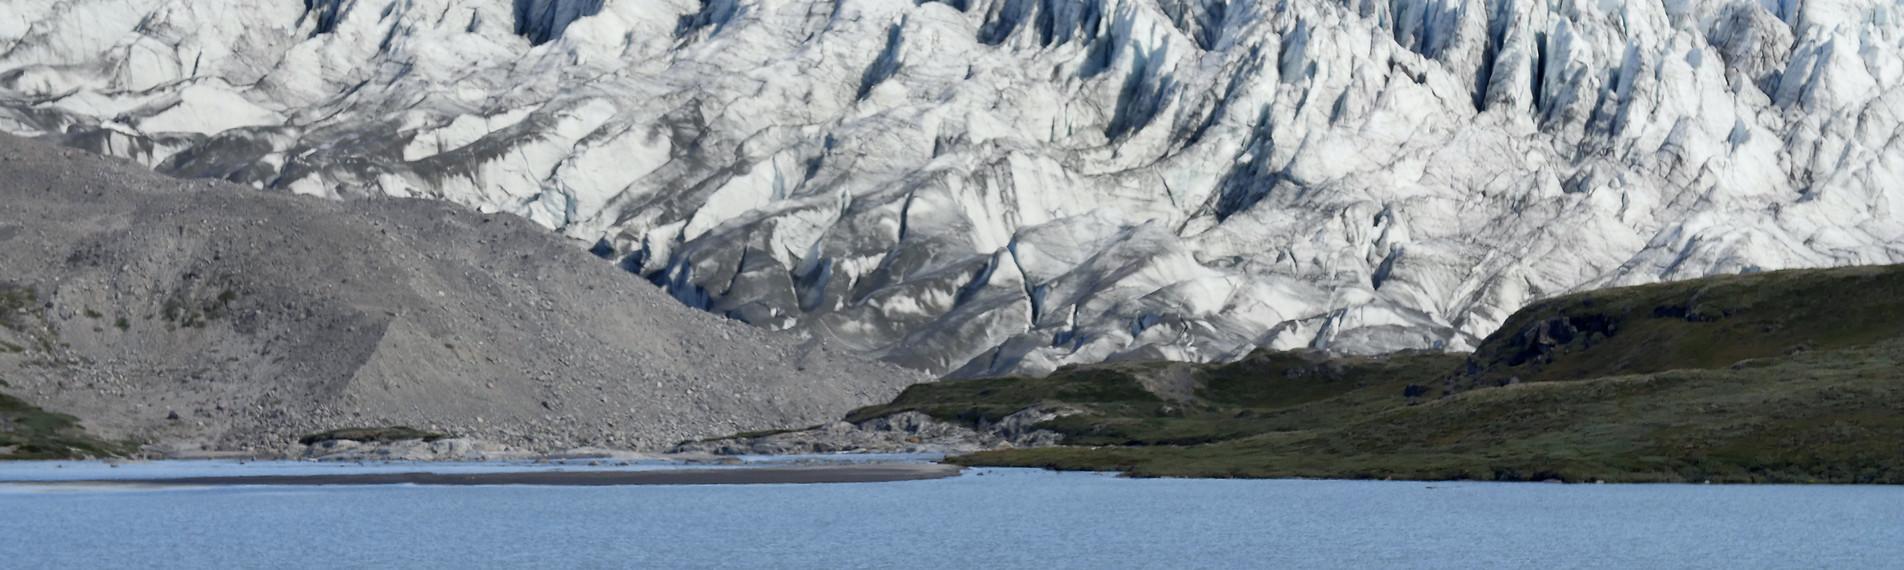 Am grönländischen Inlandeis bei Kangerlussuaq. Foto: ZDF/Ralf Gemmecke